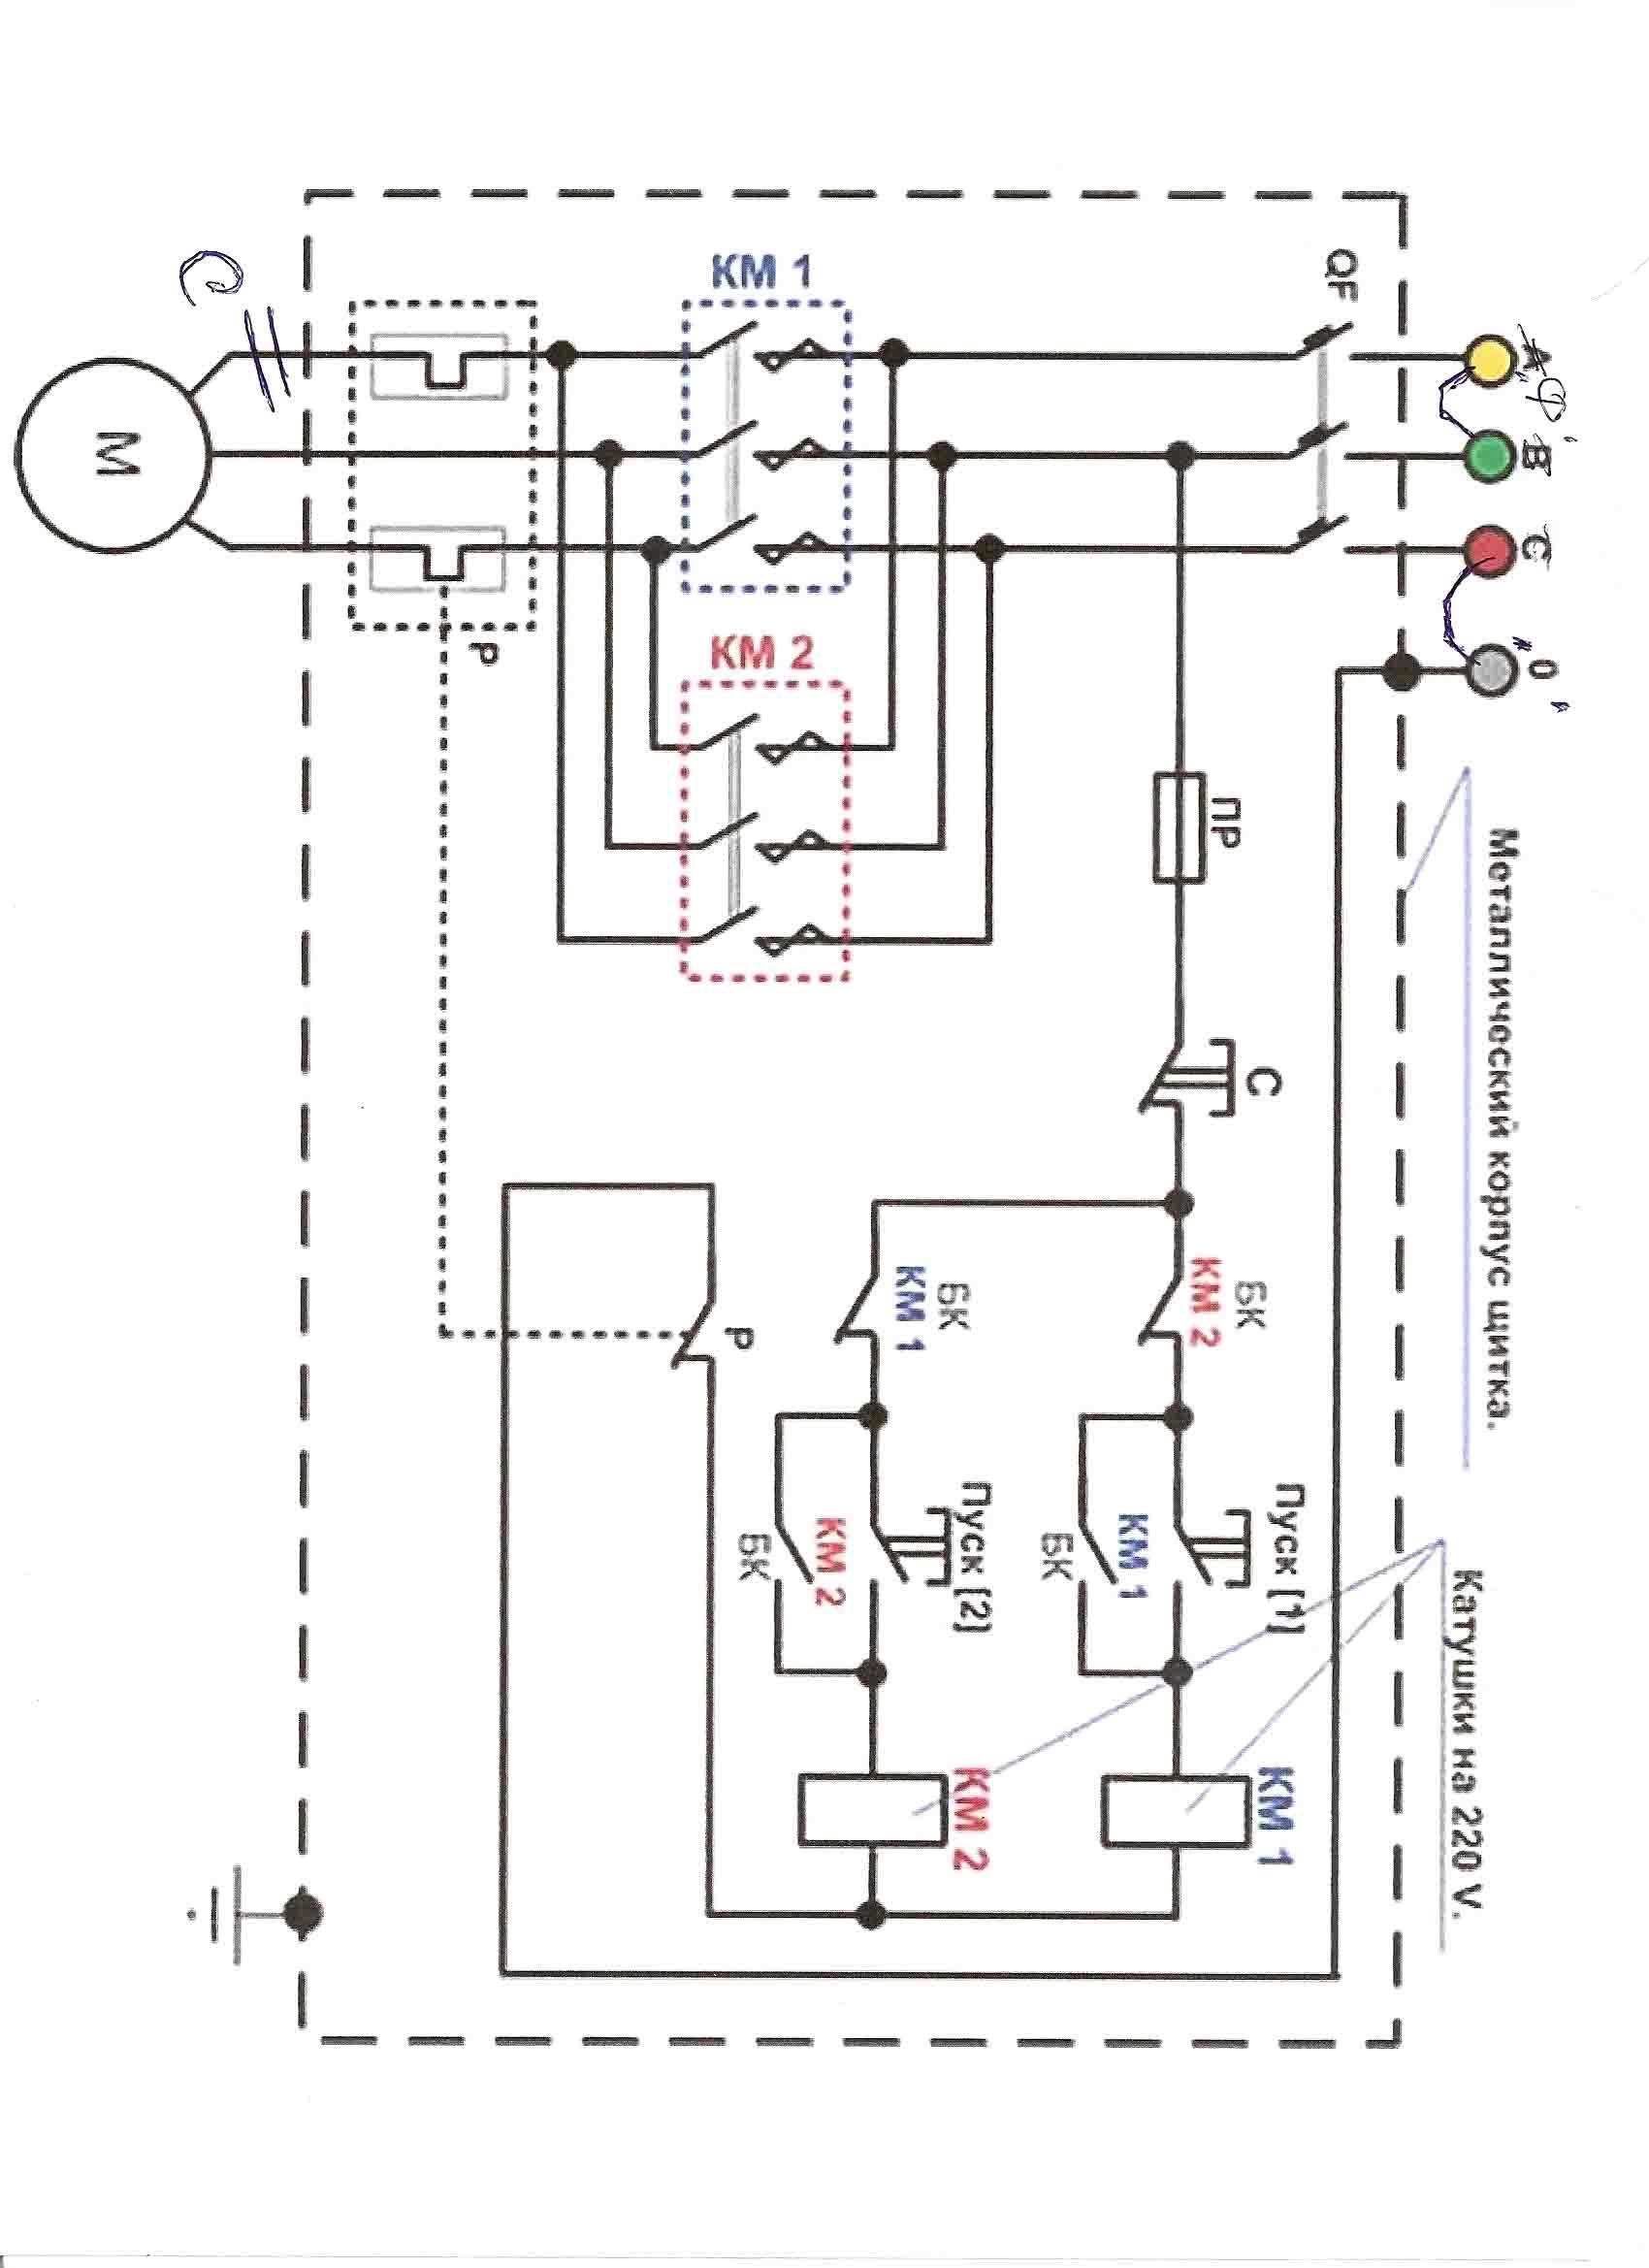 Схемы пуска реверсивного пуска асинхронного двигателя с